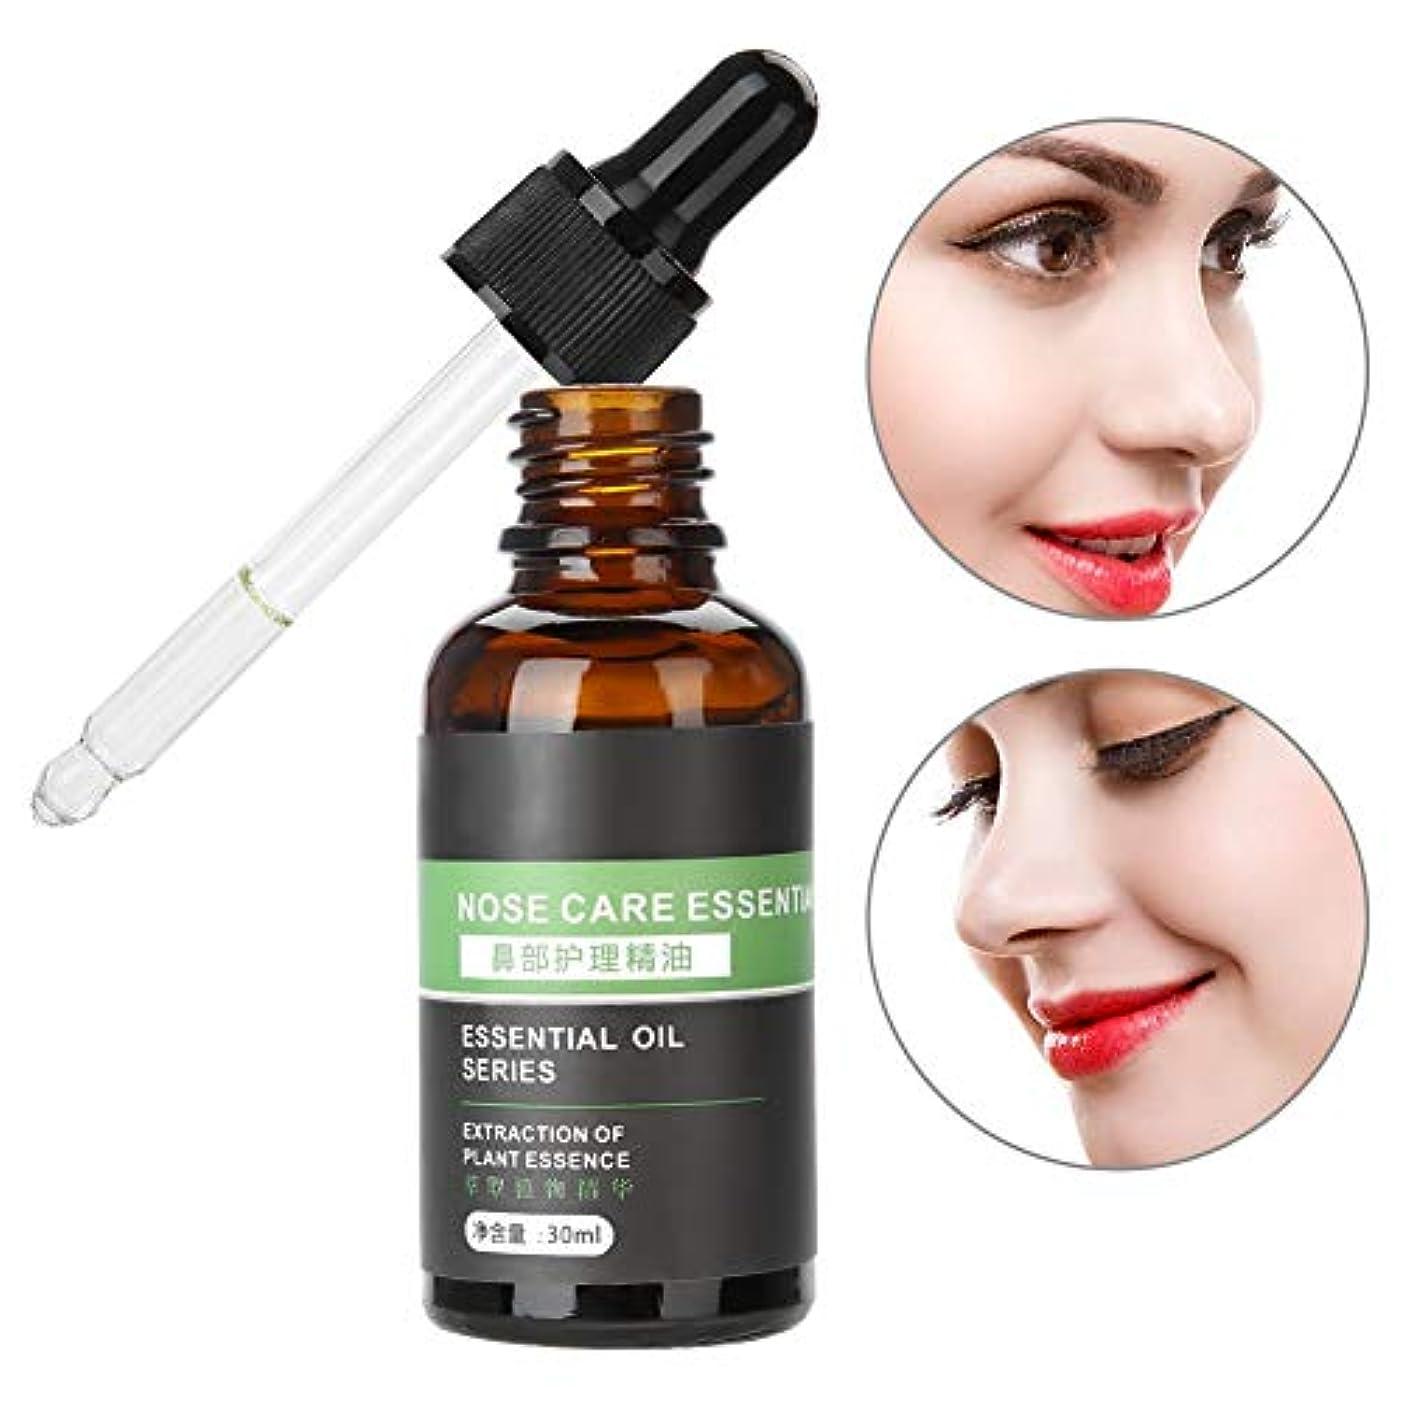 委員会関係する取るノーズアップリフティングシェイピングエッセンスオイル、プロの鼻修理リフトアップ鼻形成鼻骨リモデリング血清30ミリリットル